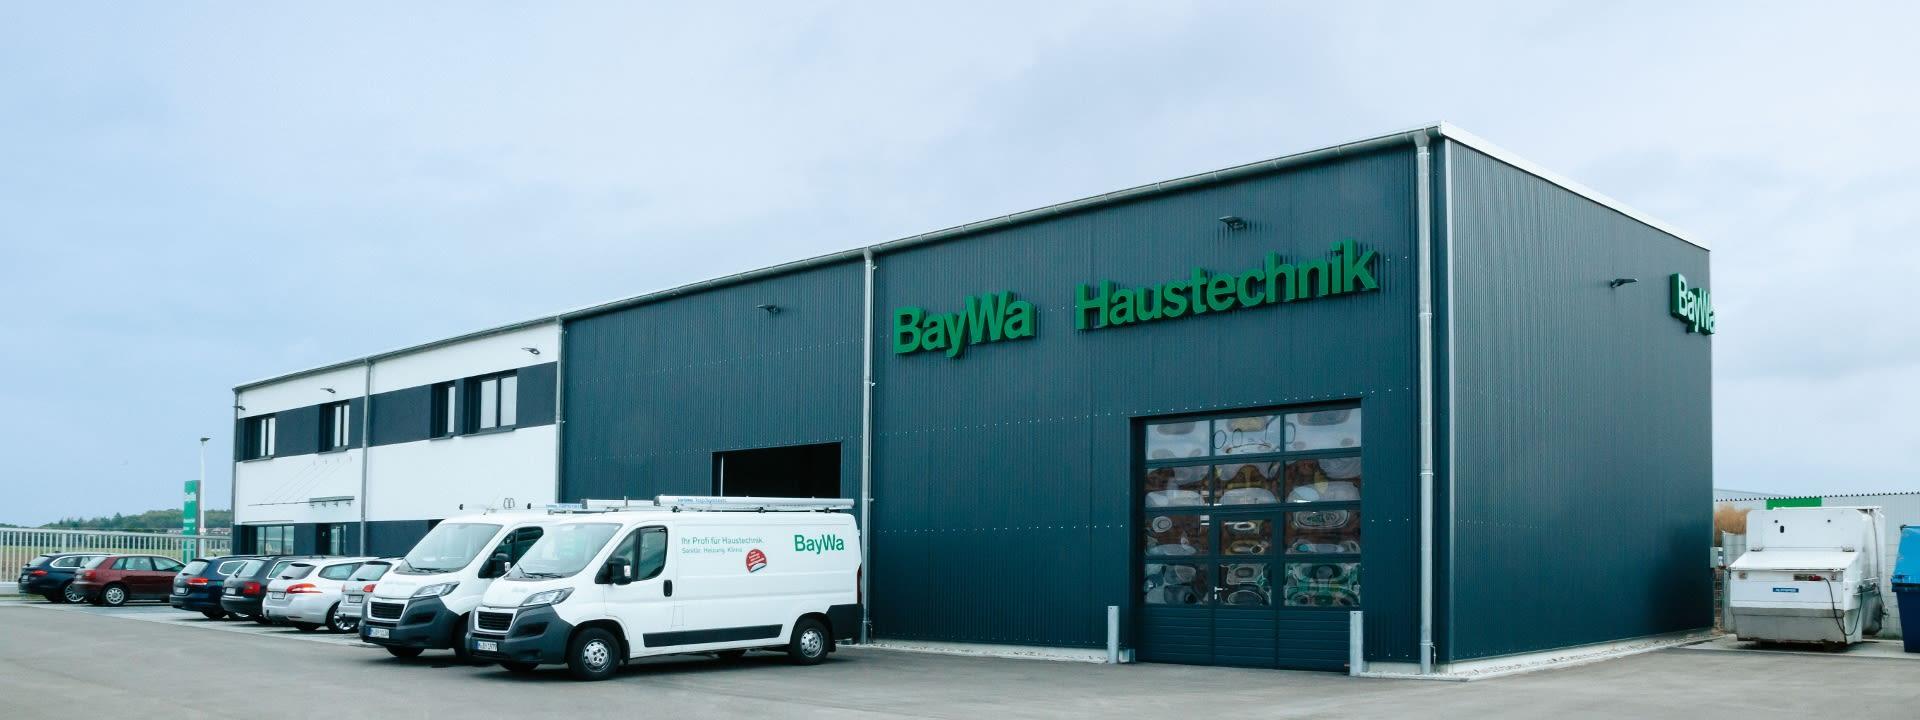 BayWa Haustechnik Pfarrkirchen